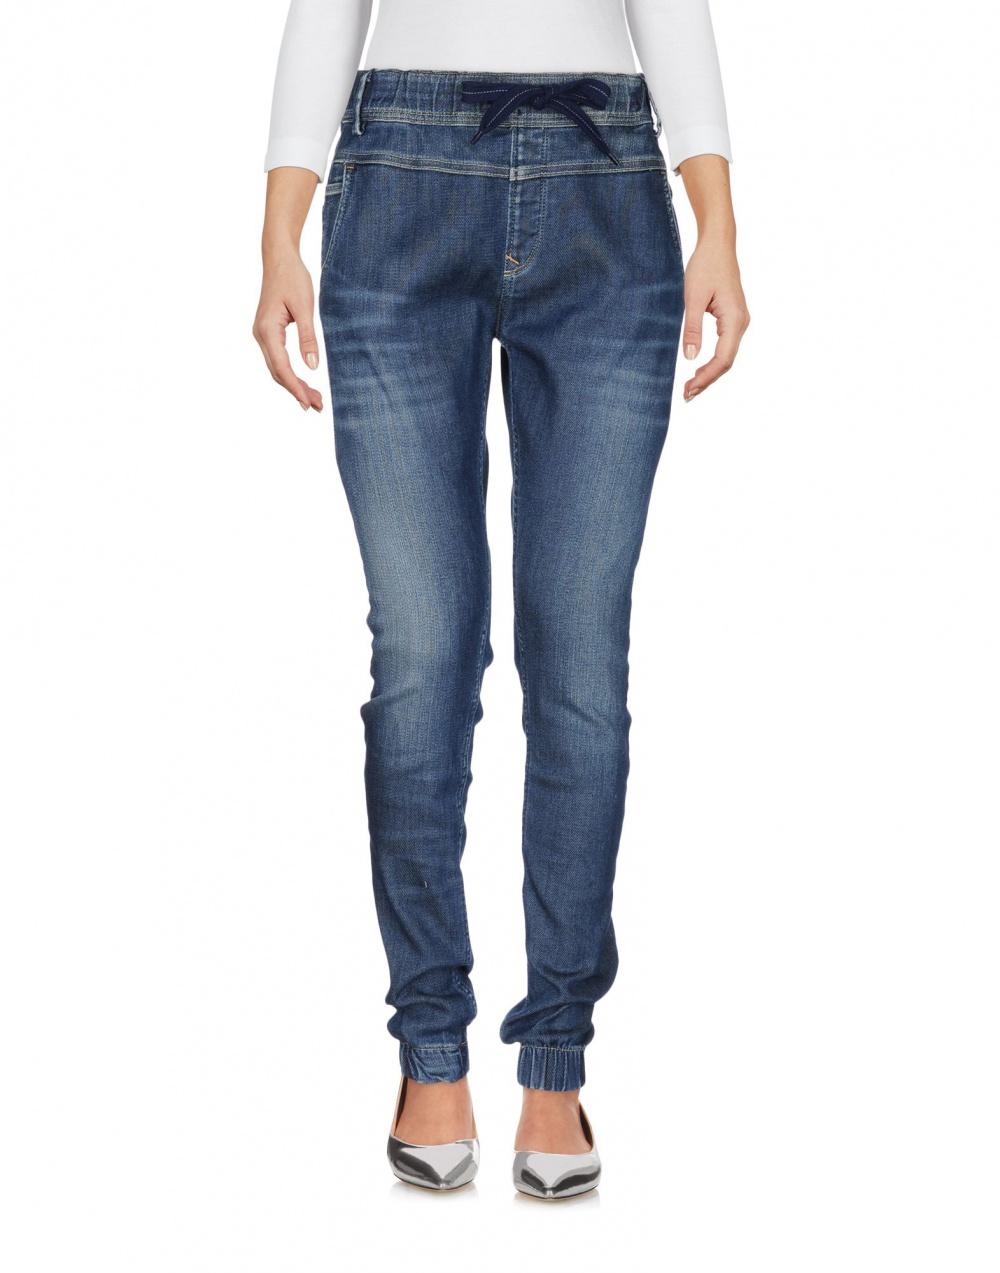 Джинсы Pepe Jeans 29 размер